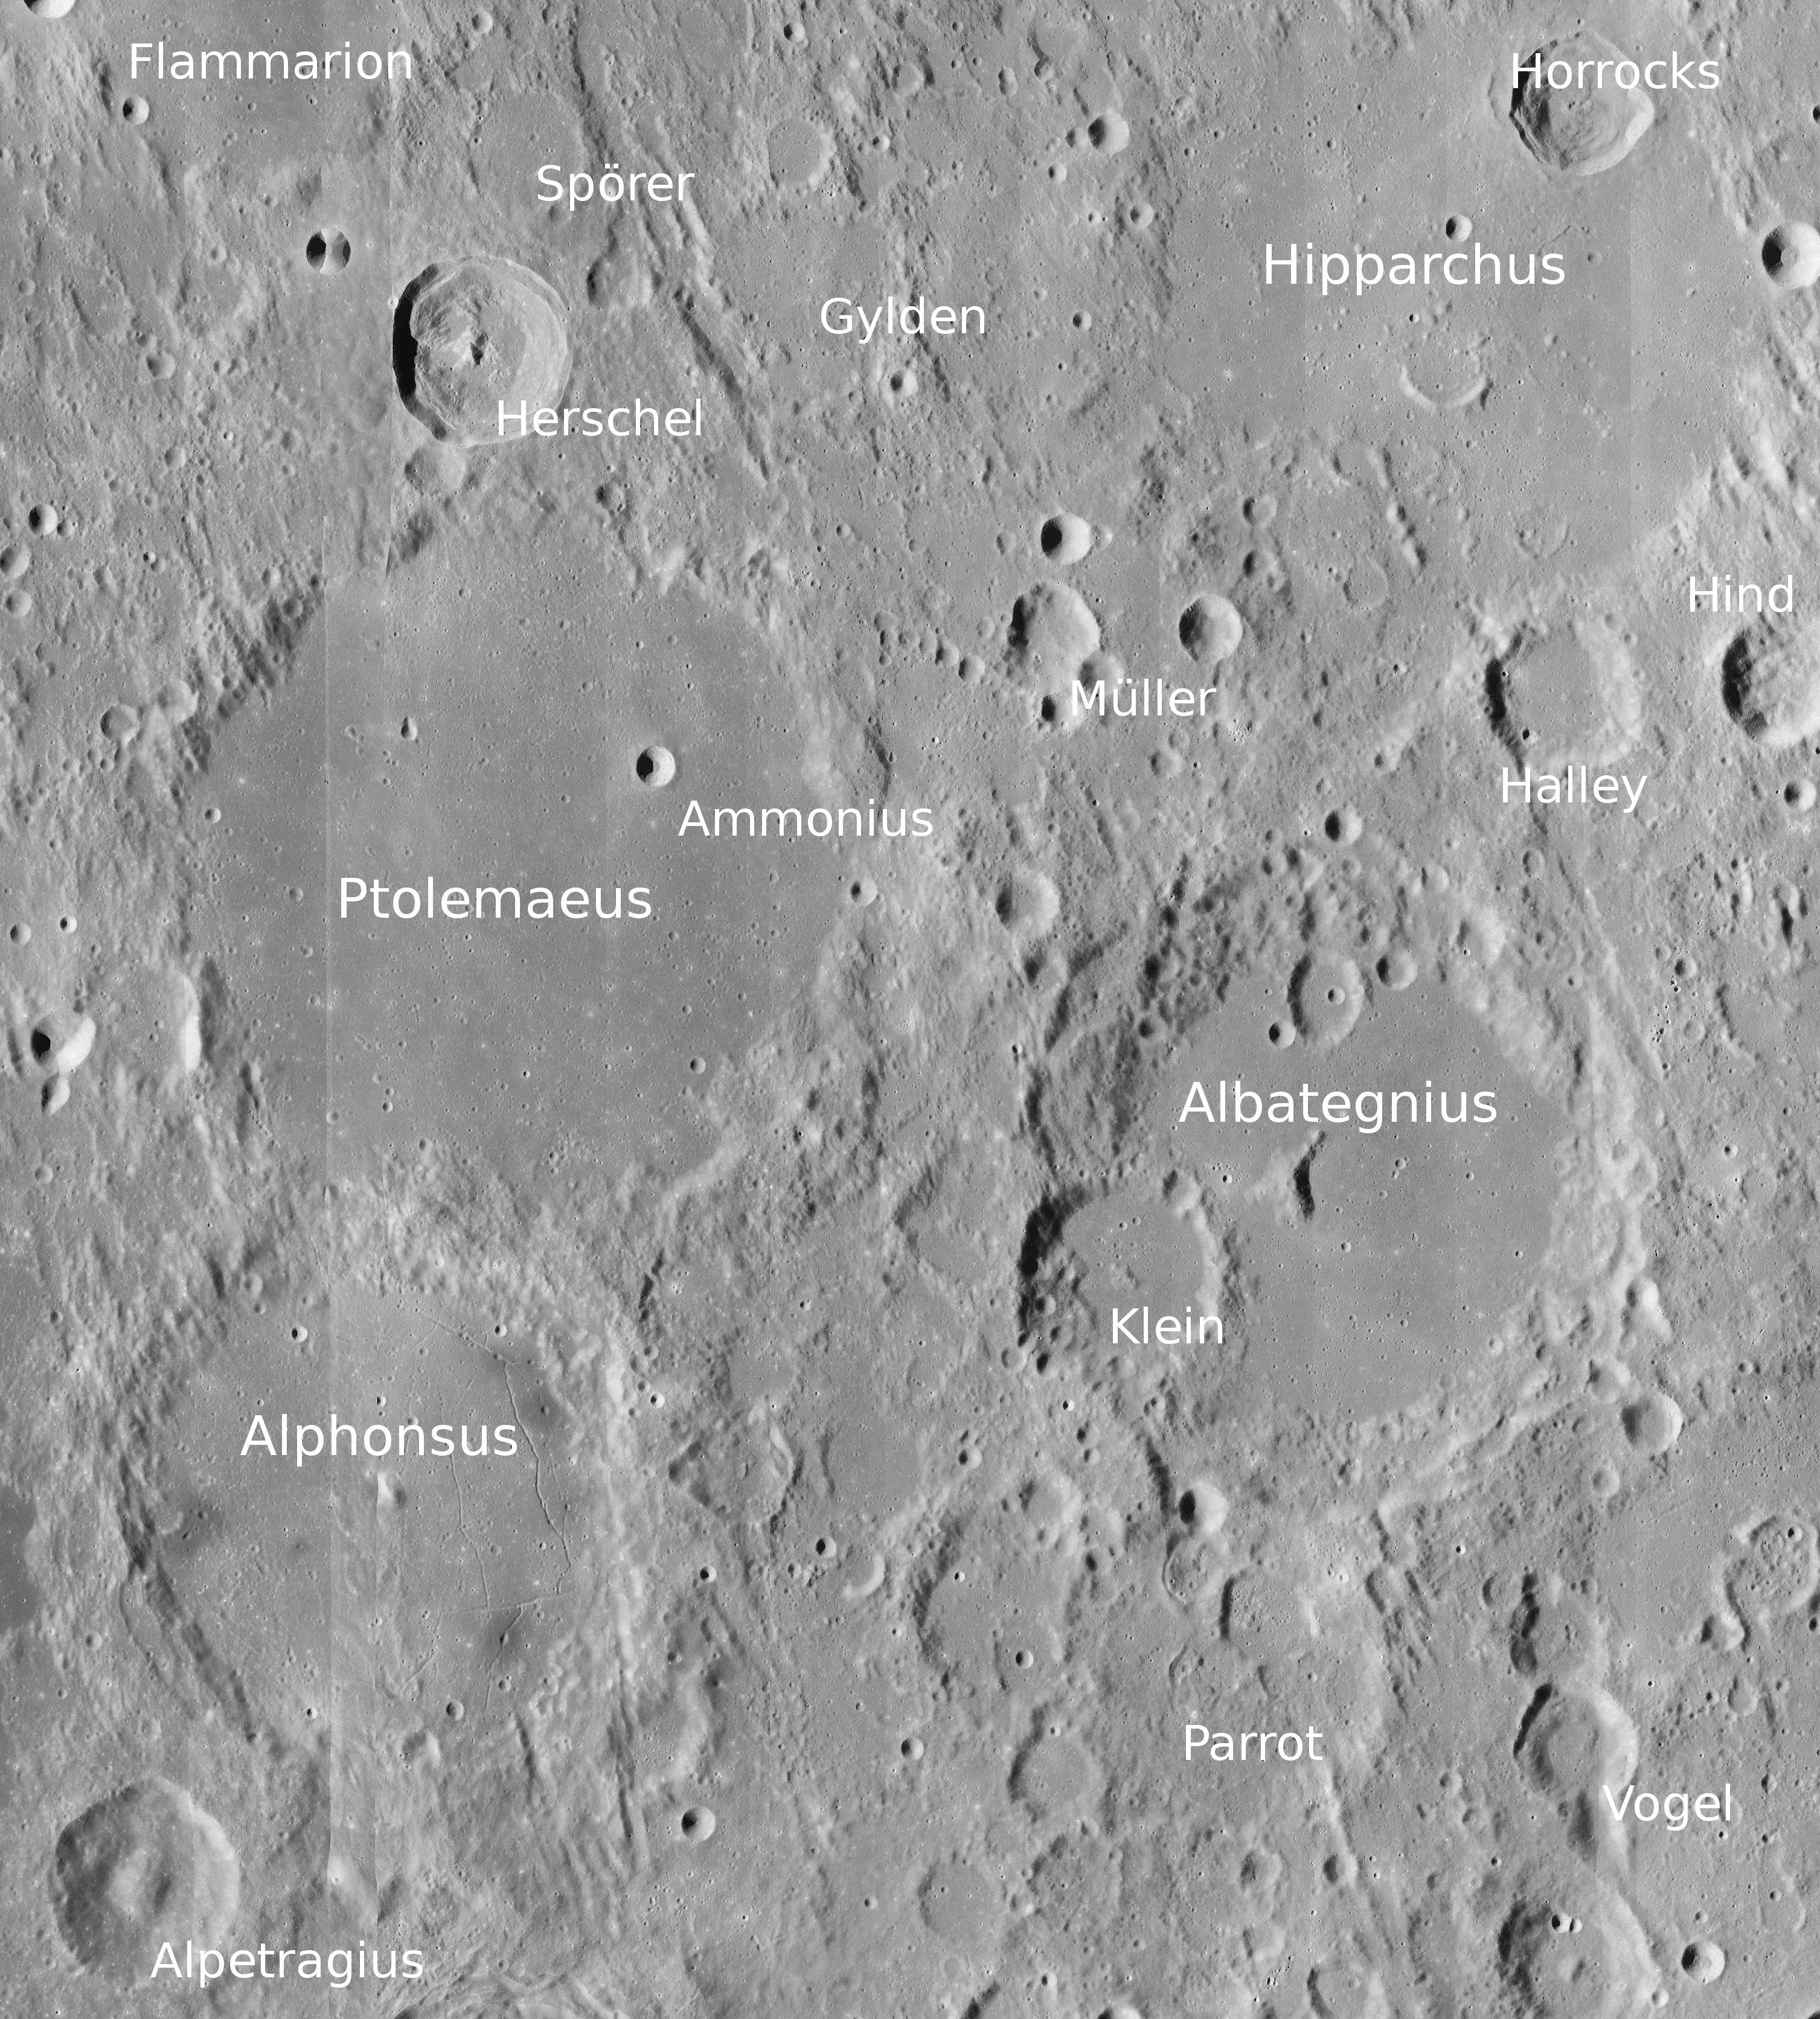 Ptolemaeus + Alphonsus + Hipparchus + Albategnius - LROC - WAC.JPG